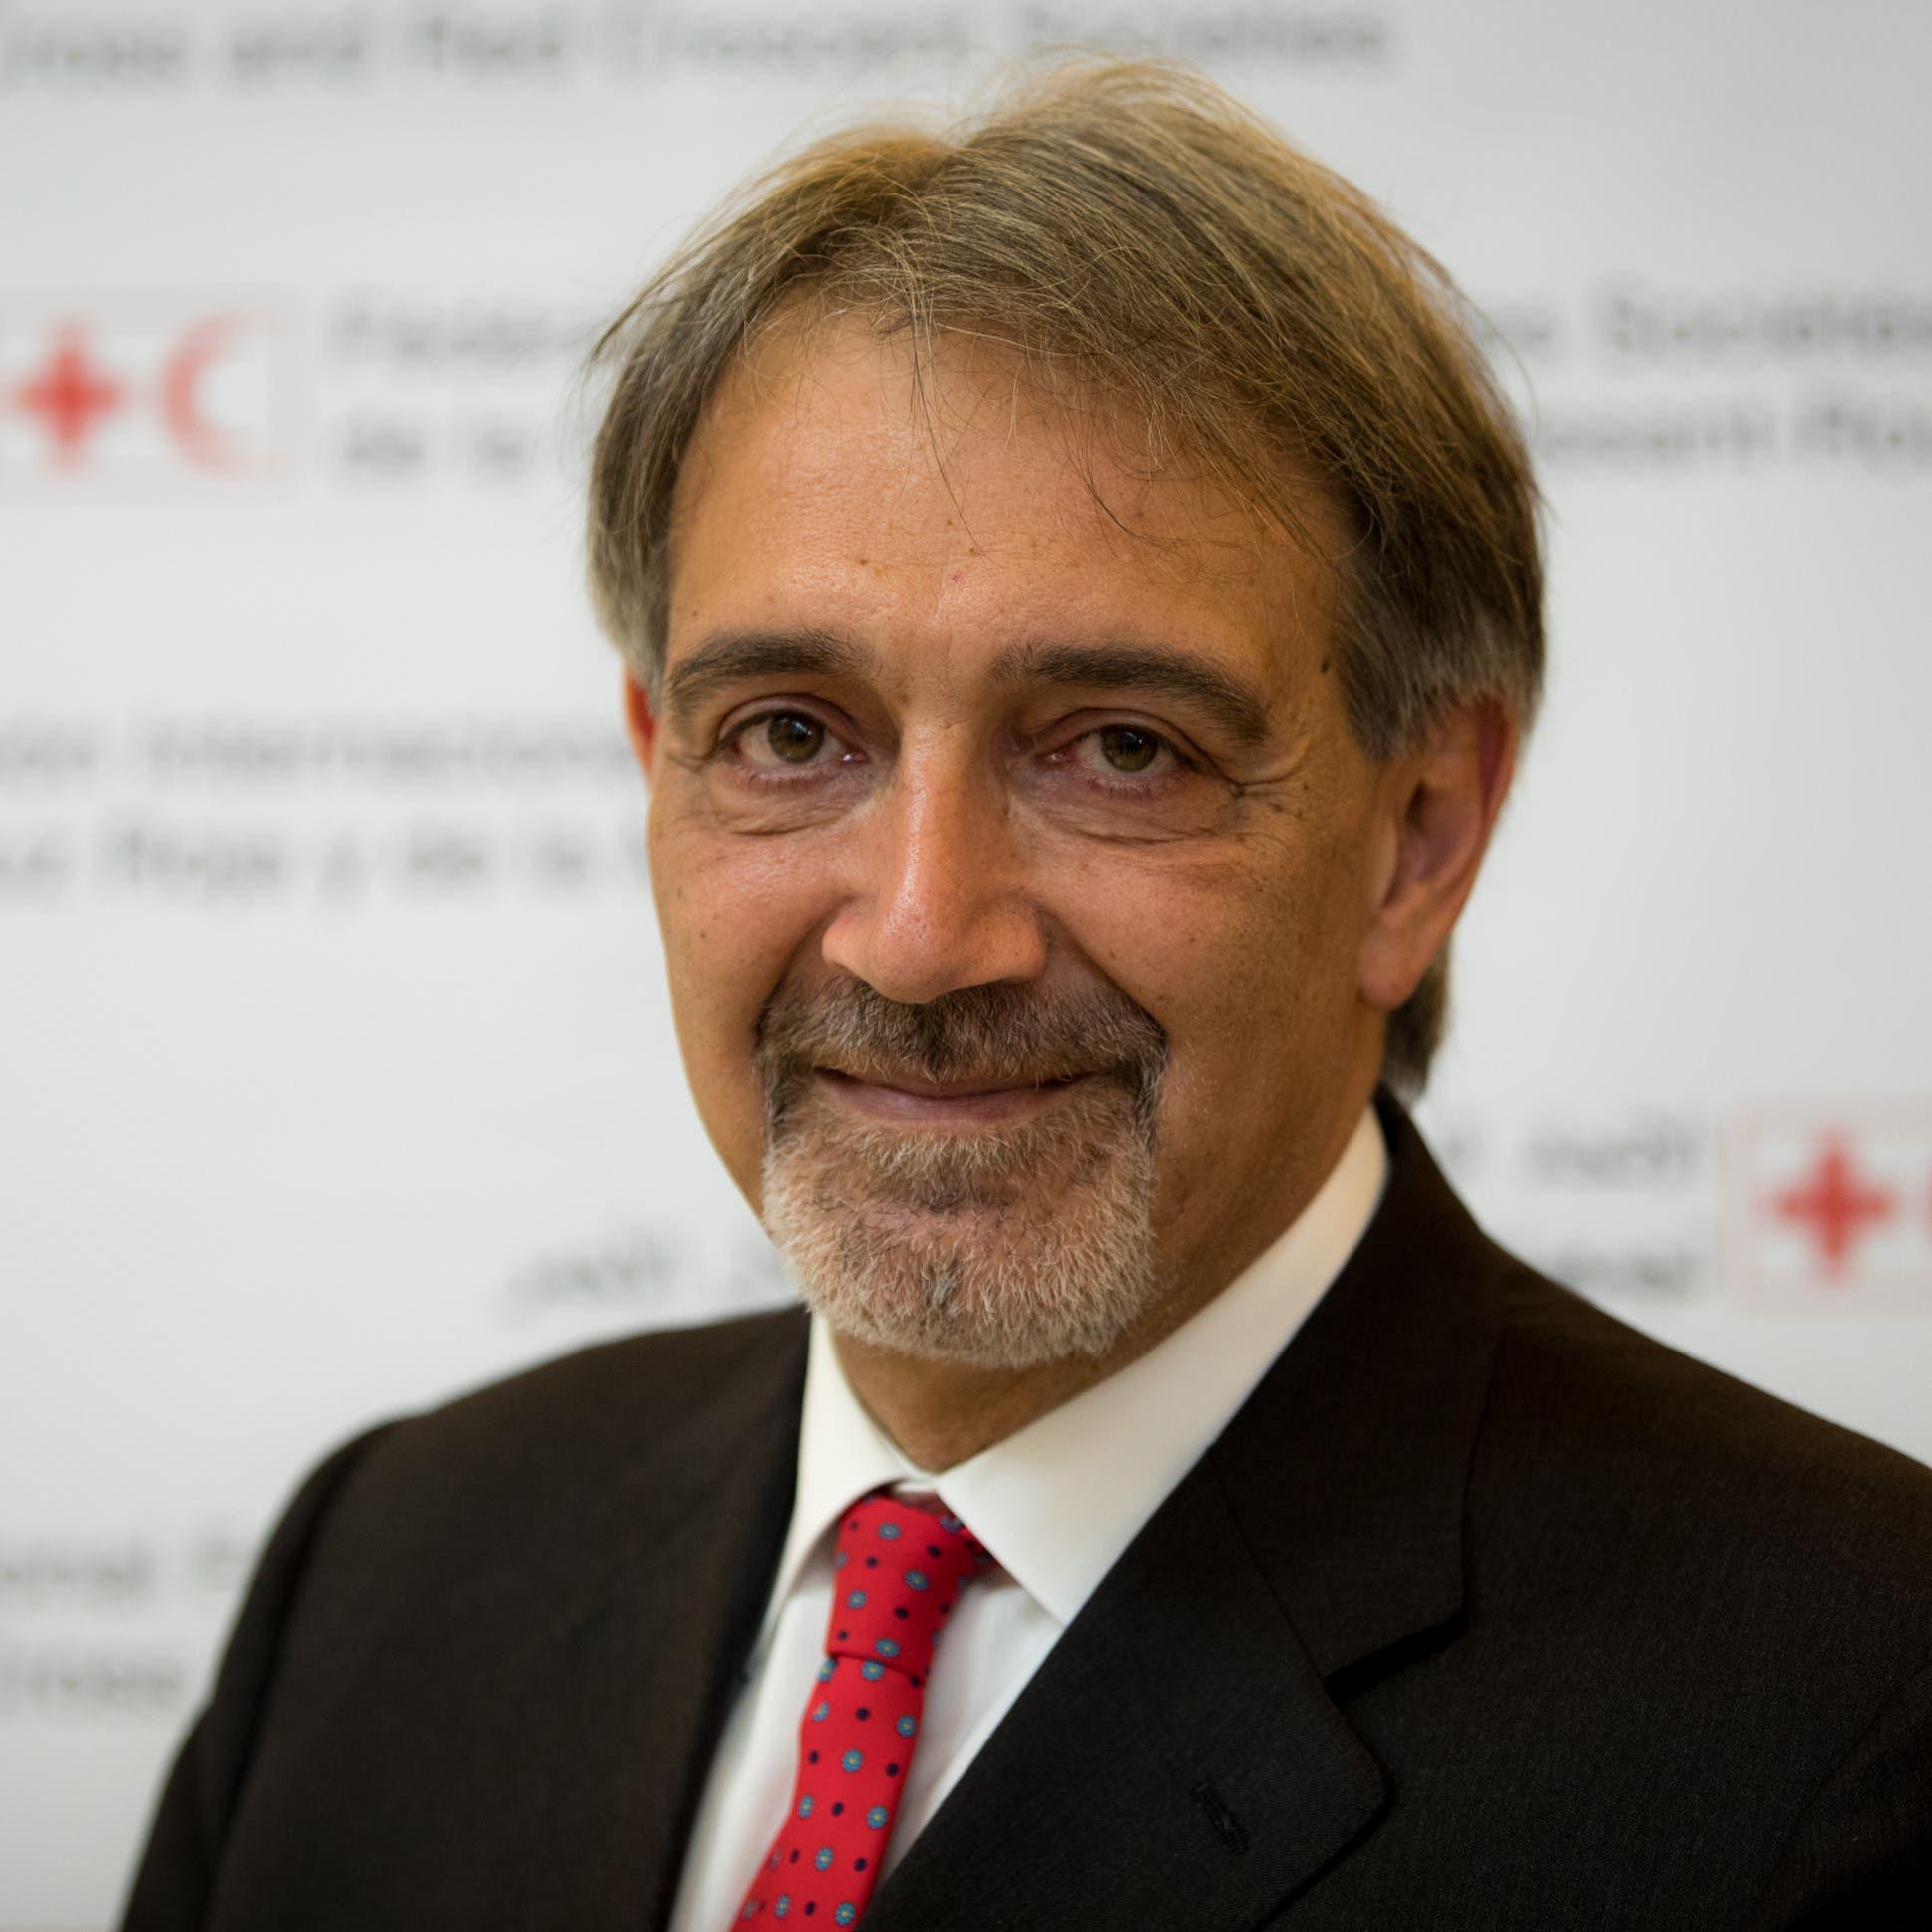 الصليب الأحمر: لقاحات كورونا ستنجح.. إذا تصدينا للتضليل